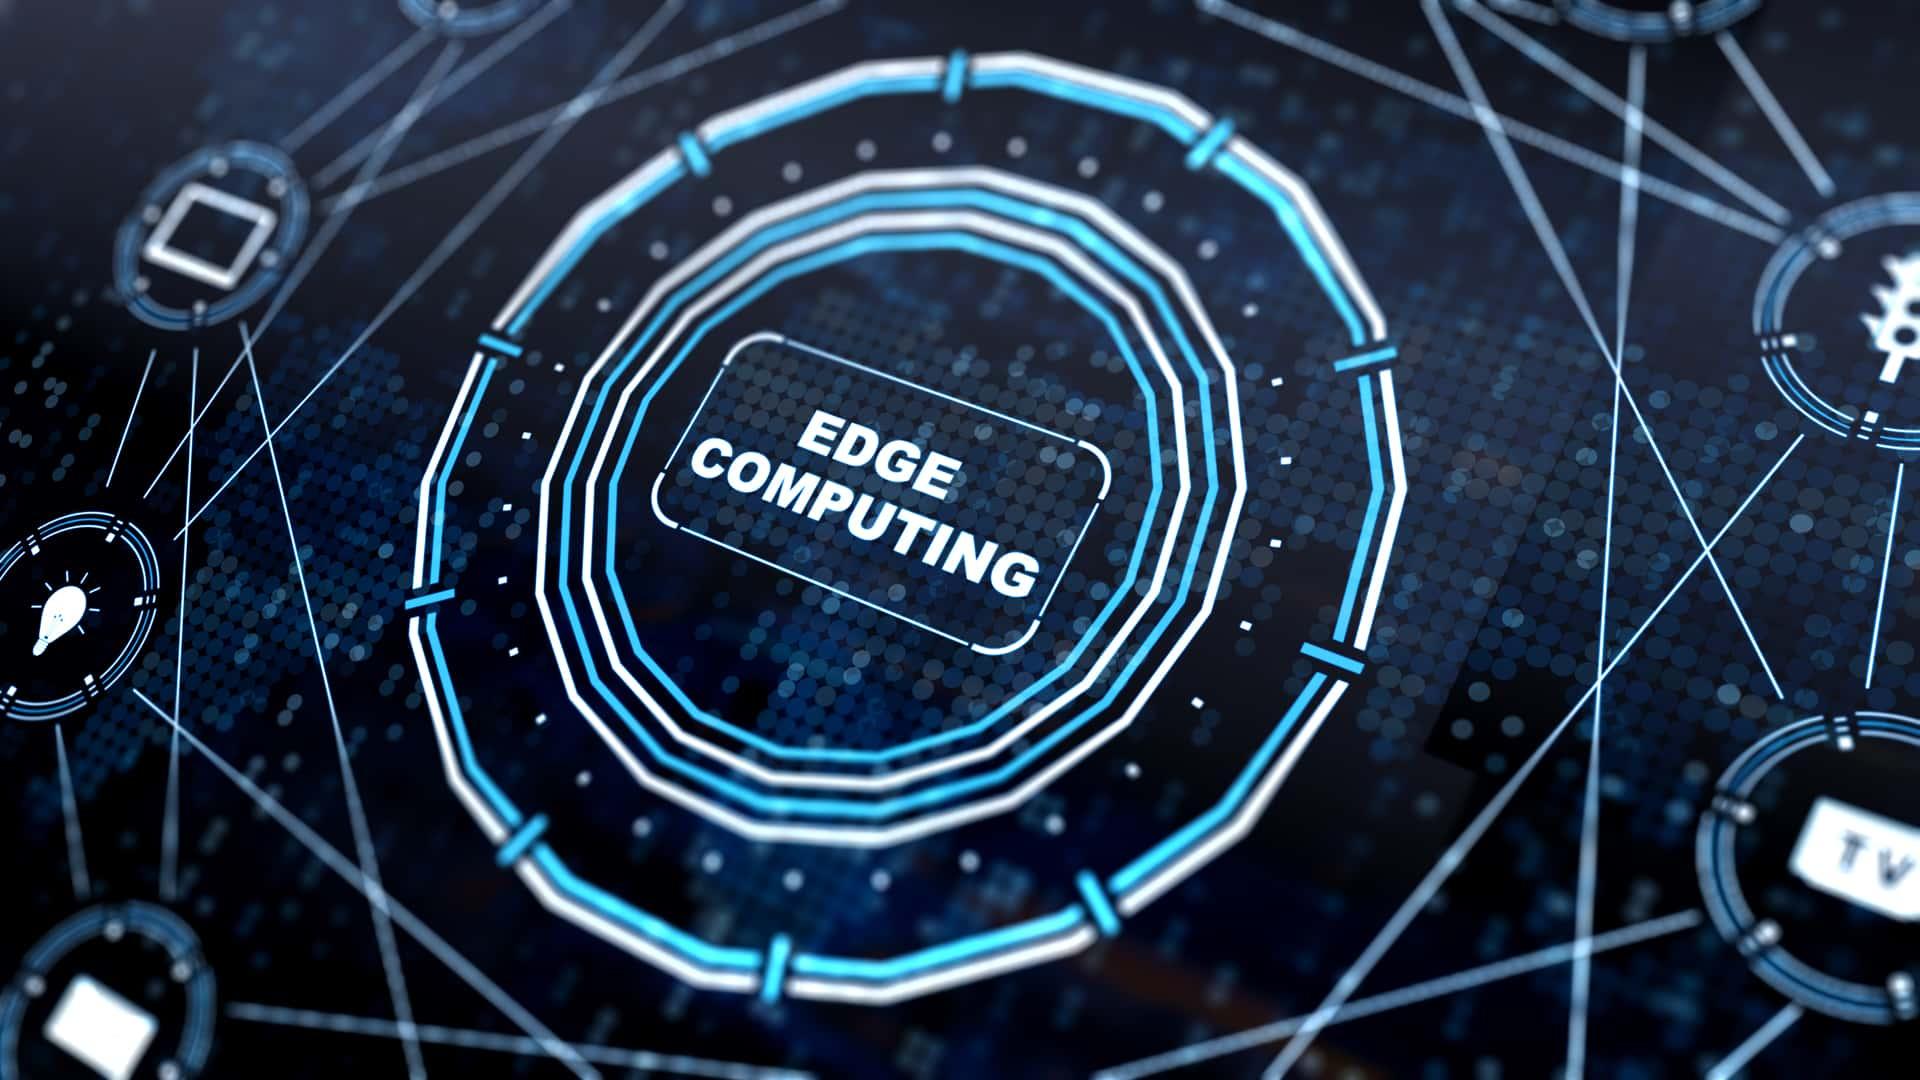 Edge Computing wird immer wichtiger – erfahren Sie, warum